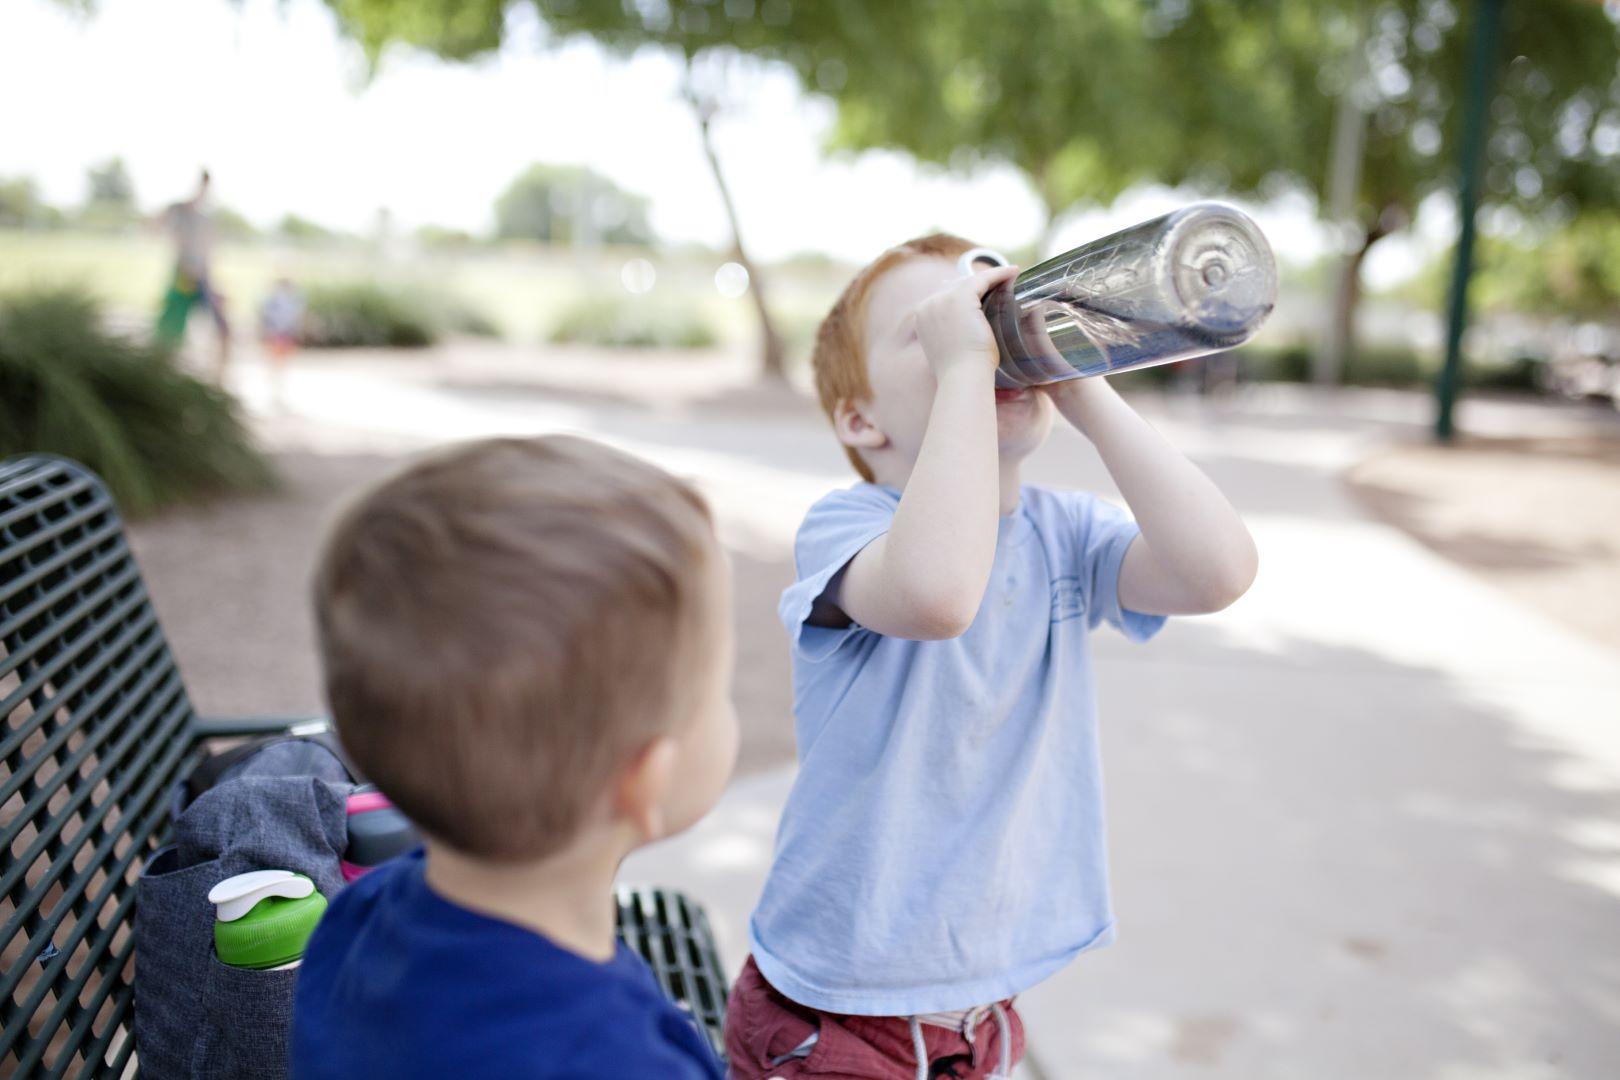 acqua in bottiglia plastica